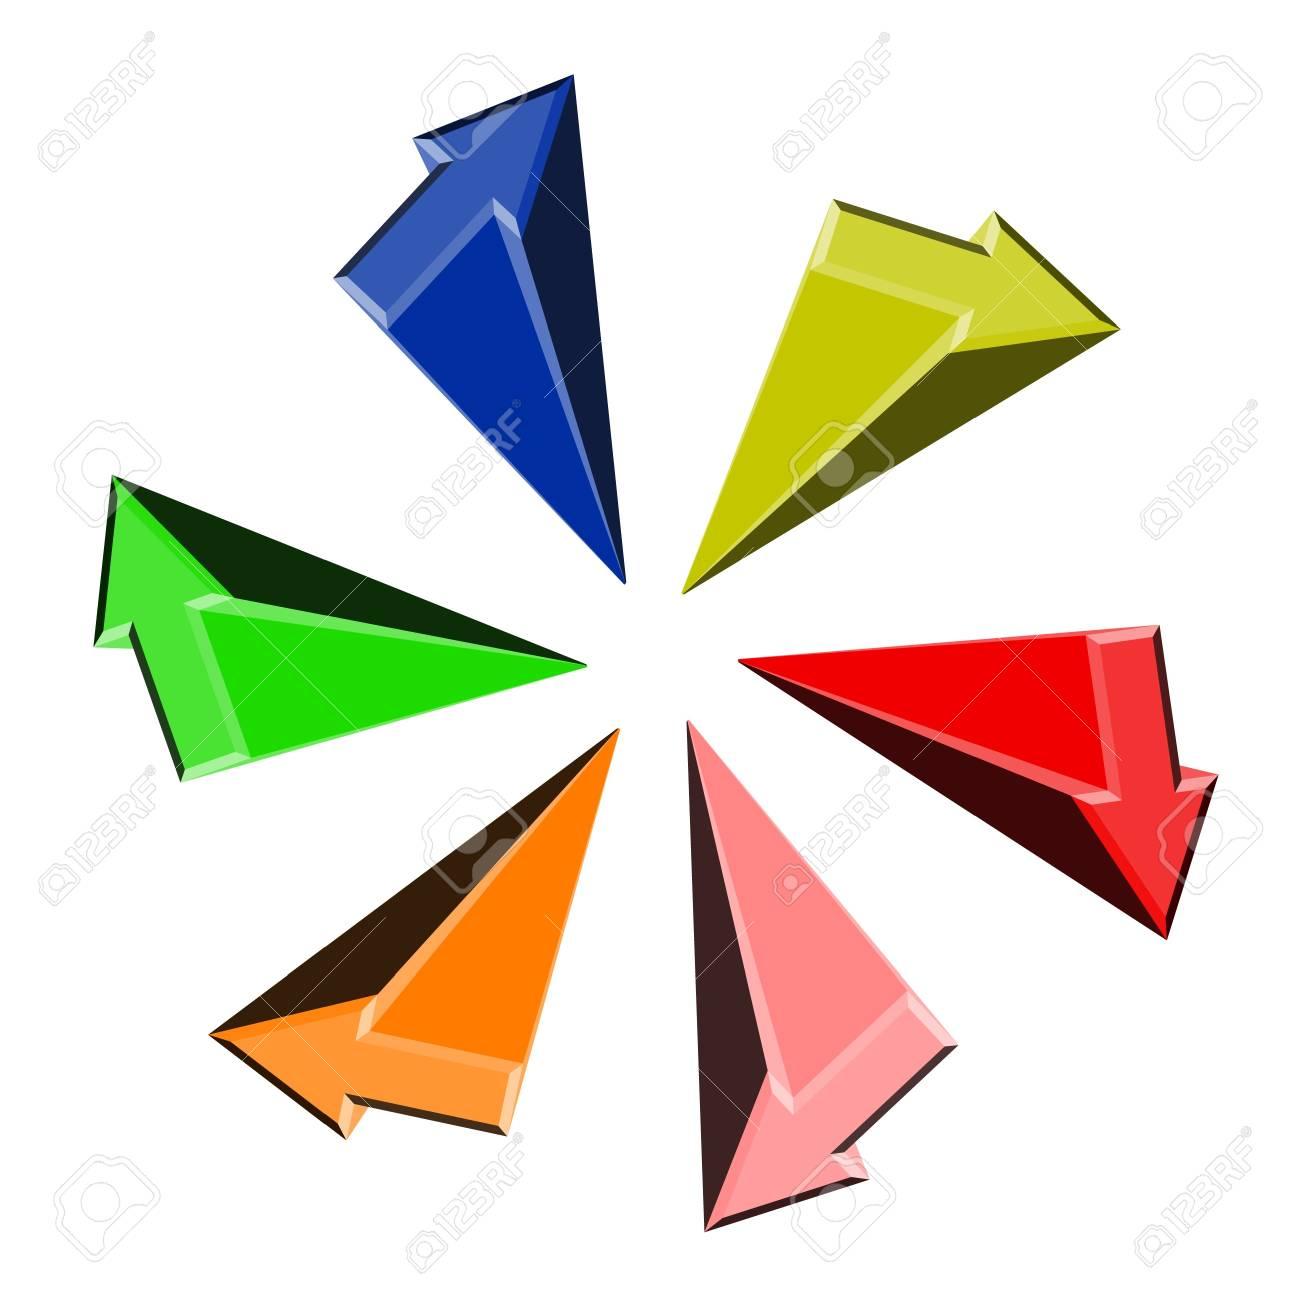 Color arrows icon Stock Vector - 11821958